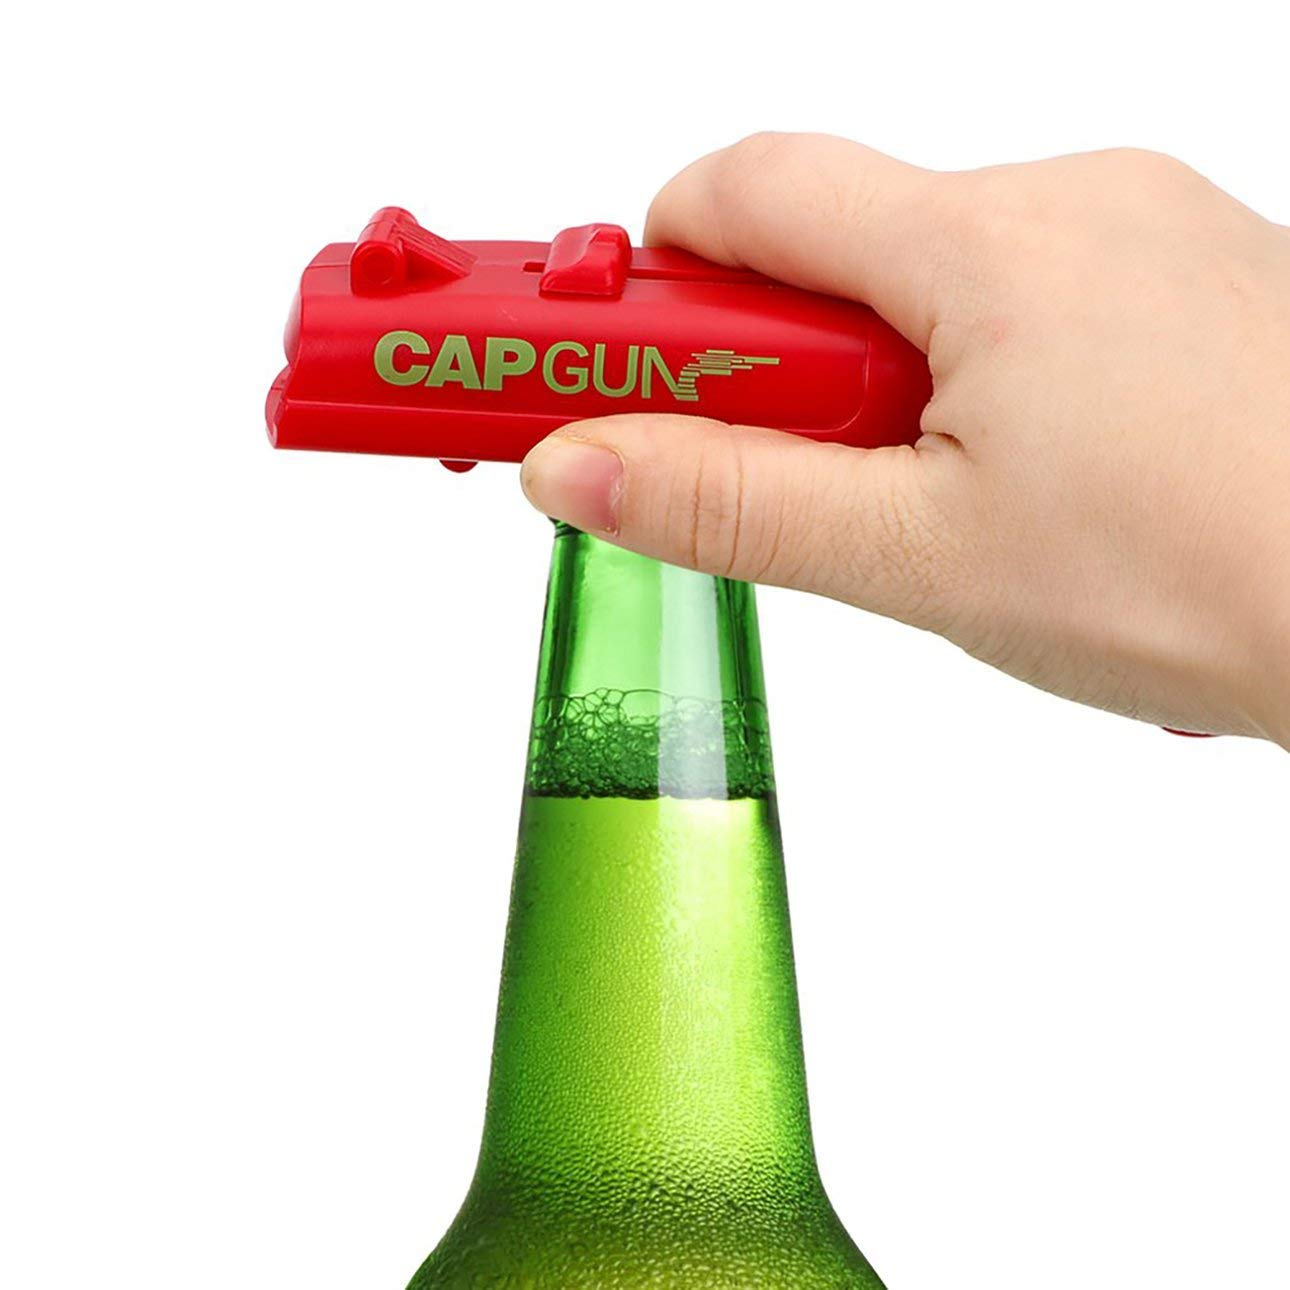 Abrebotellas Lanzador de Pistola de pl/ástico Tirador Abrelatas de Cerveza Recicla f/ácilmente Tapas para Beber en Fiestas Abrebotellas Pudincoco Forma de Pistola